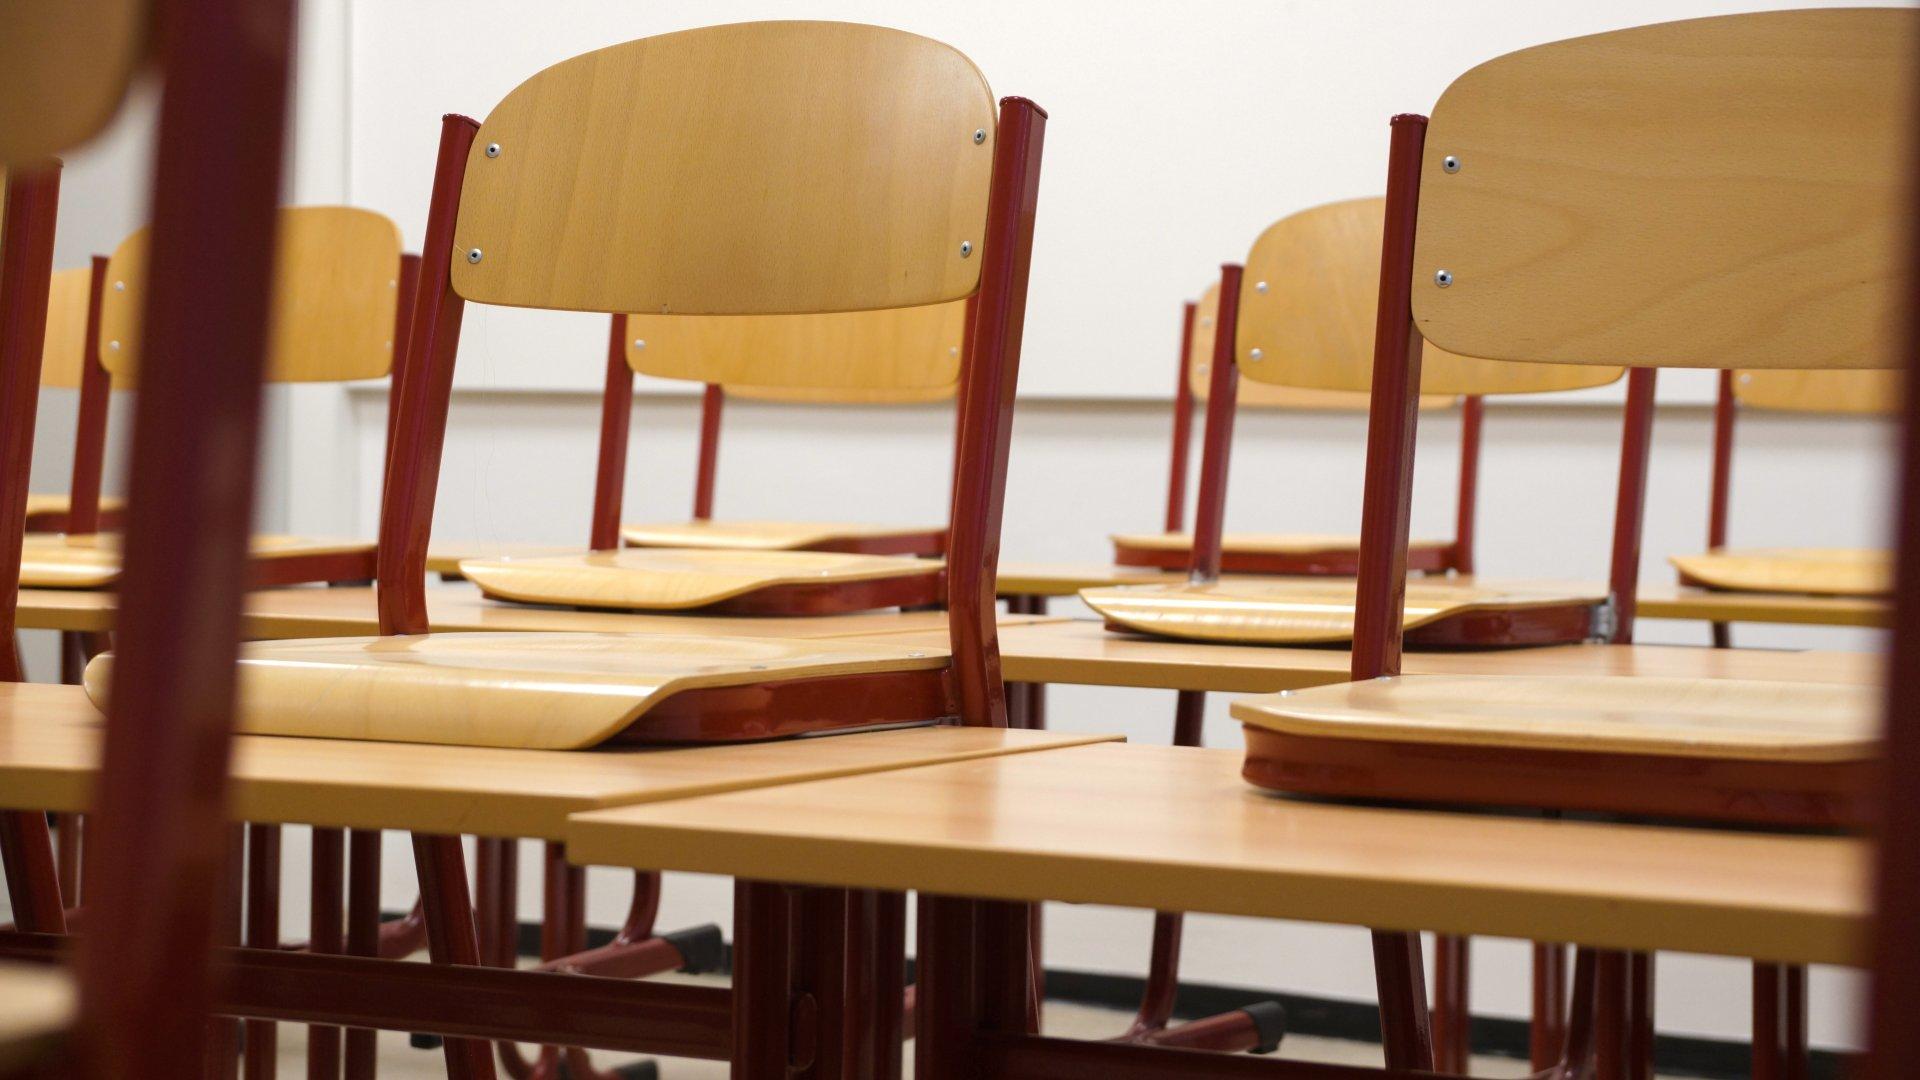 Felrakott székek egy osztályteremben